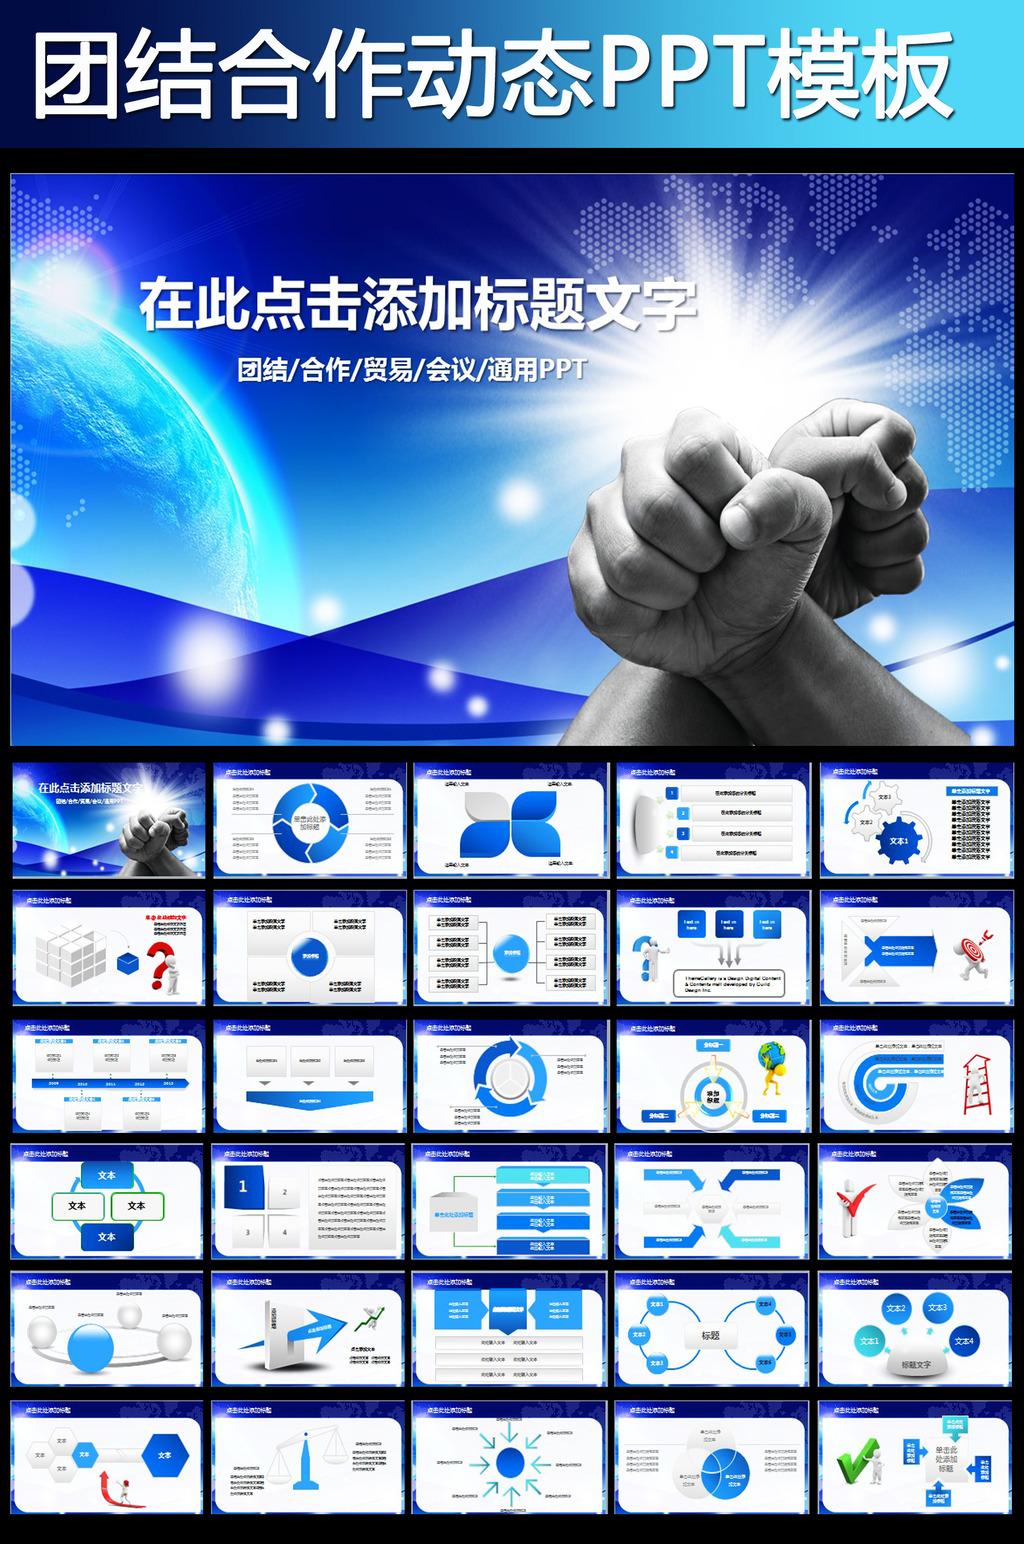 团队合作商务贸易会议报告总结ppt模板